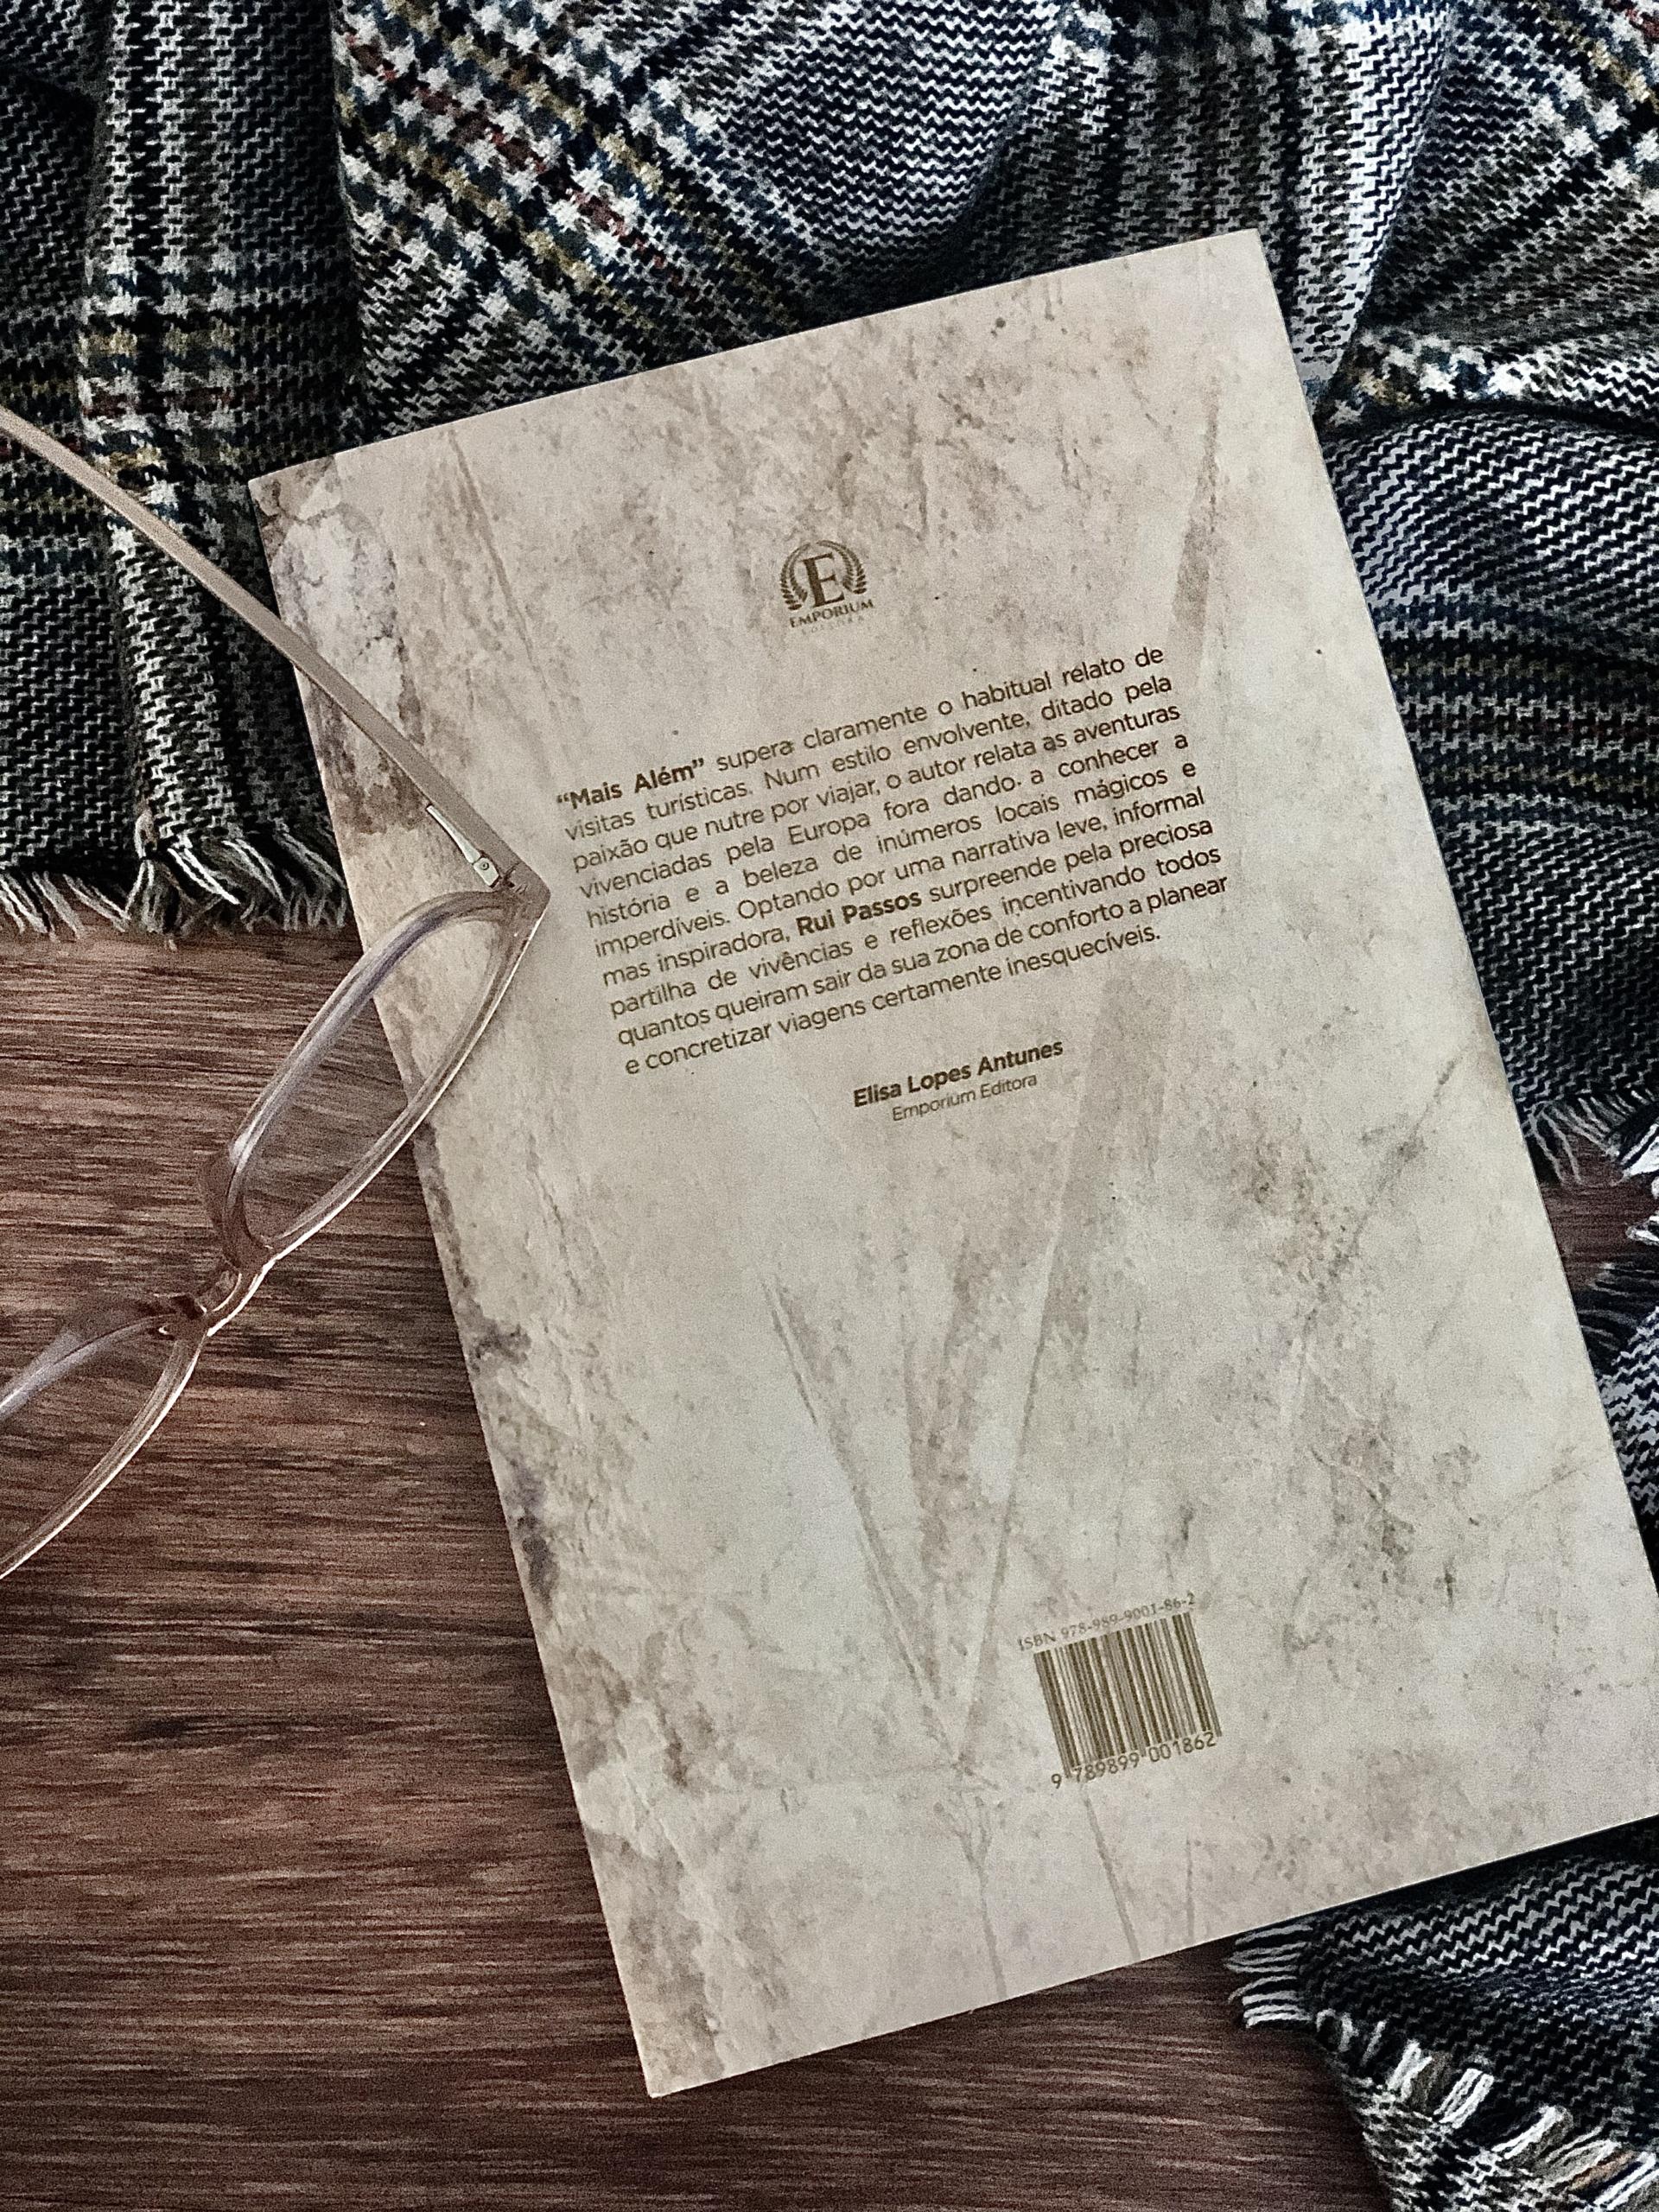 Crónica sobre livro MAIS ALÉM de Rui Passos